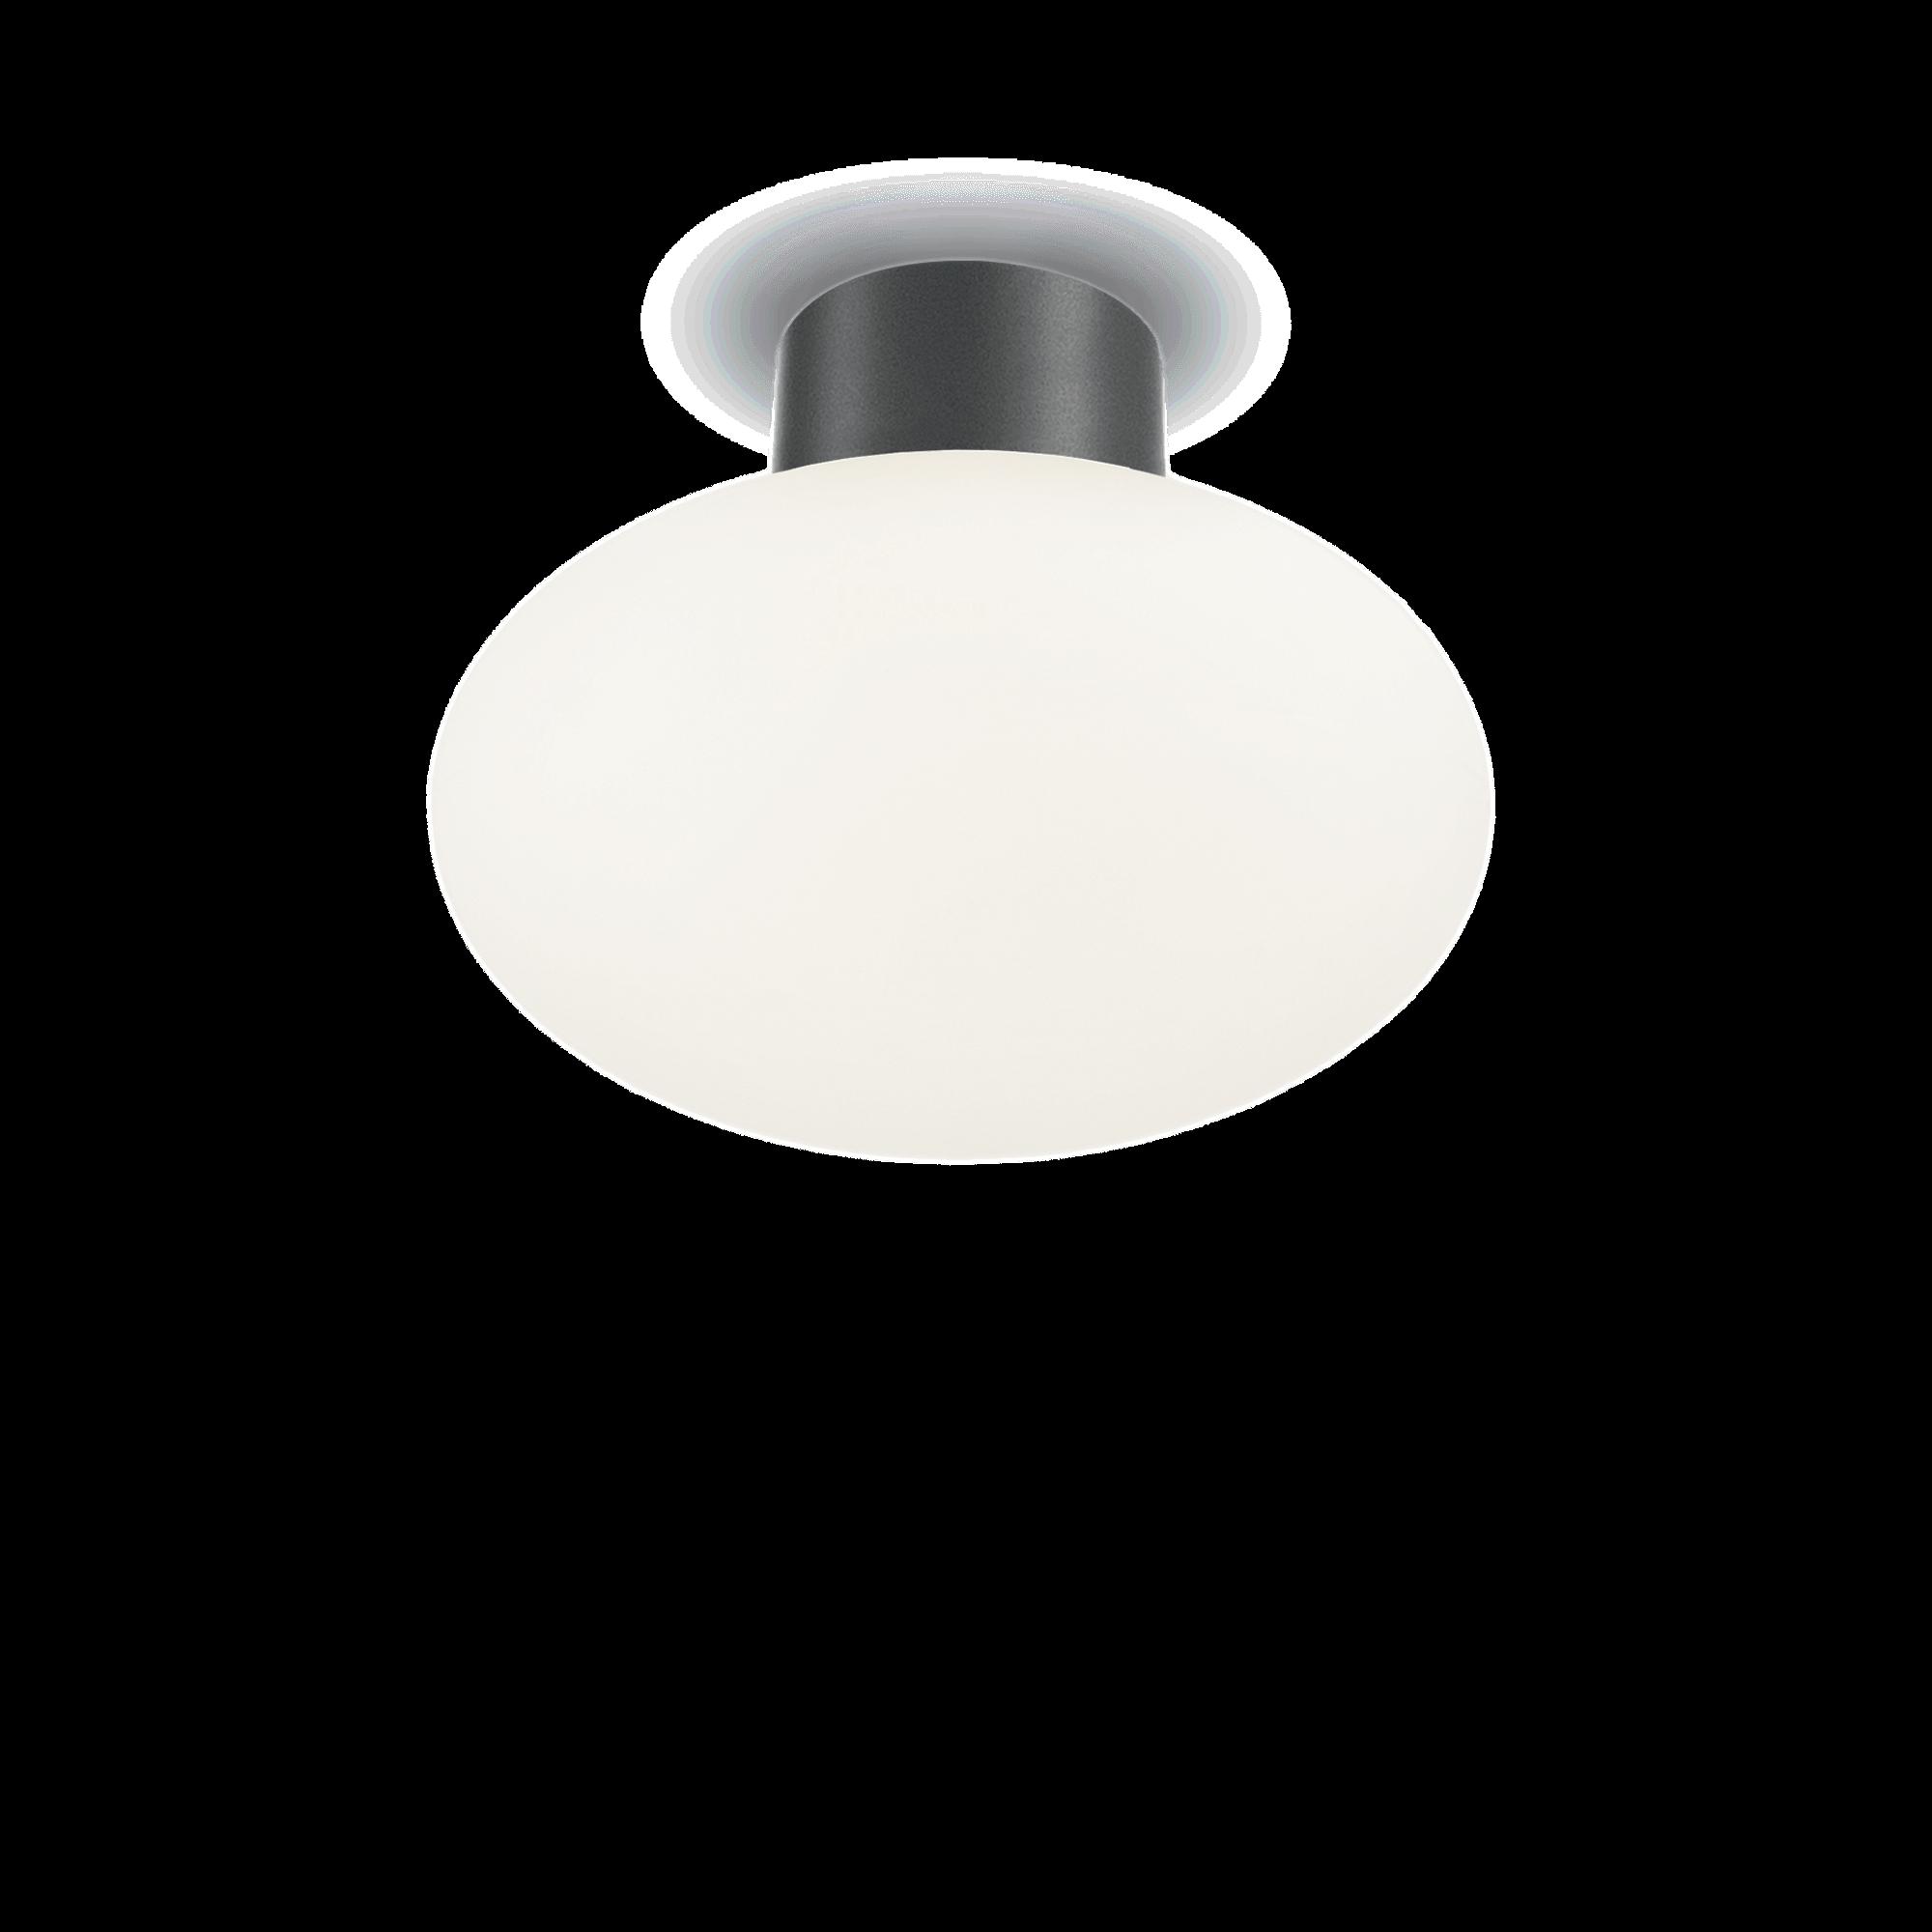 Ideal Lux 149455 ARMONY PL1 ANTRACITE kültéri mennyezeti lámpa